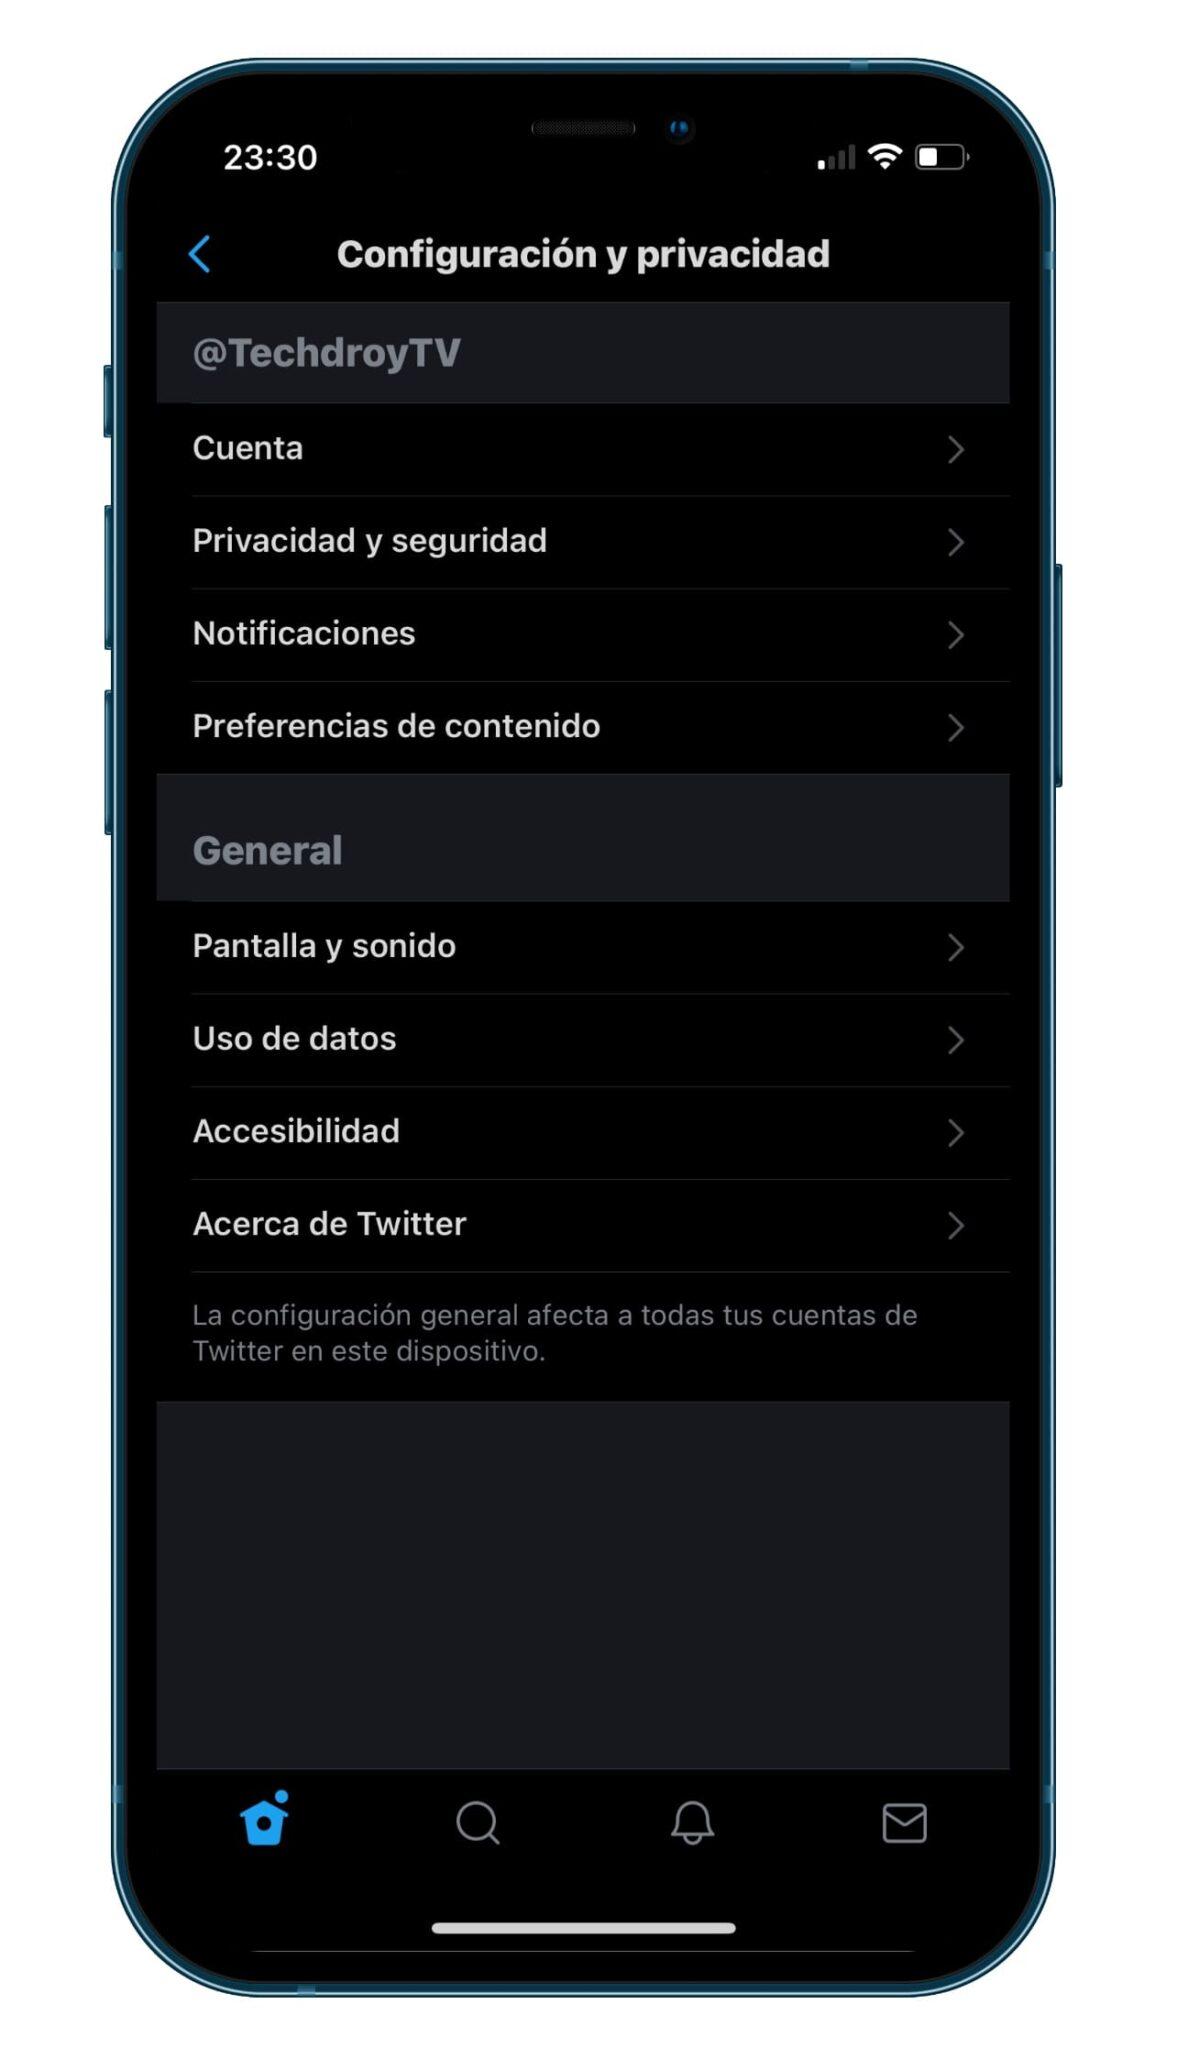 configuracion-y-privacidad-Twitter